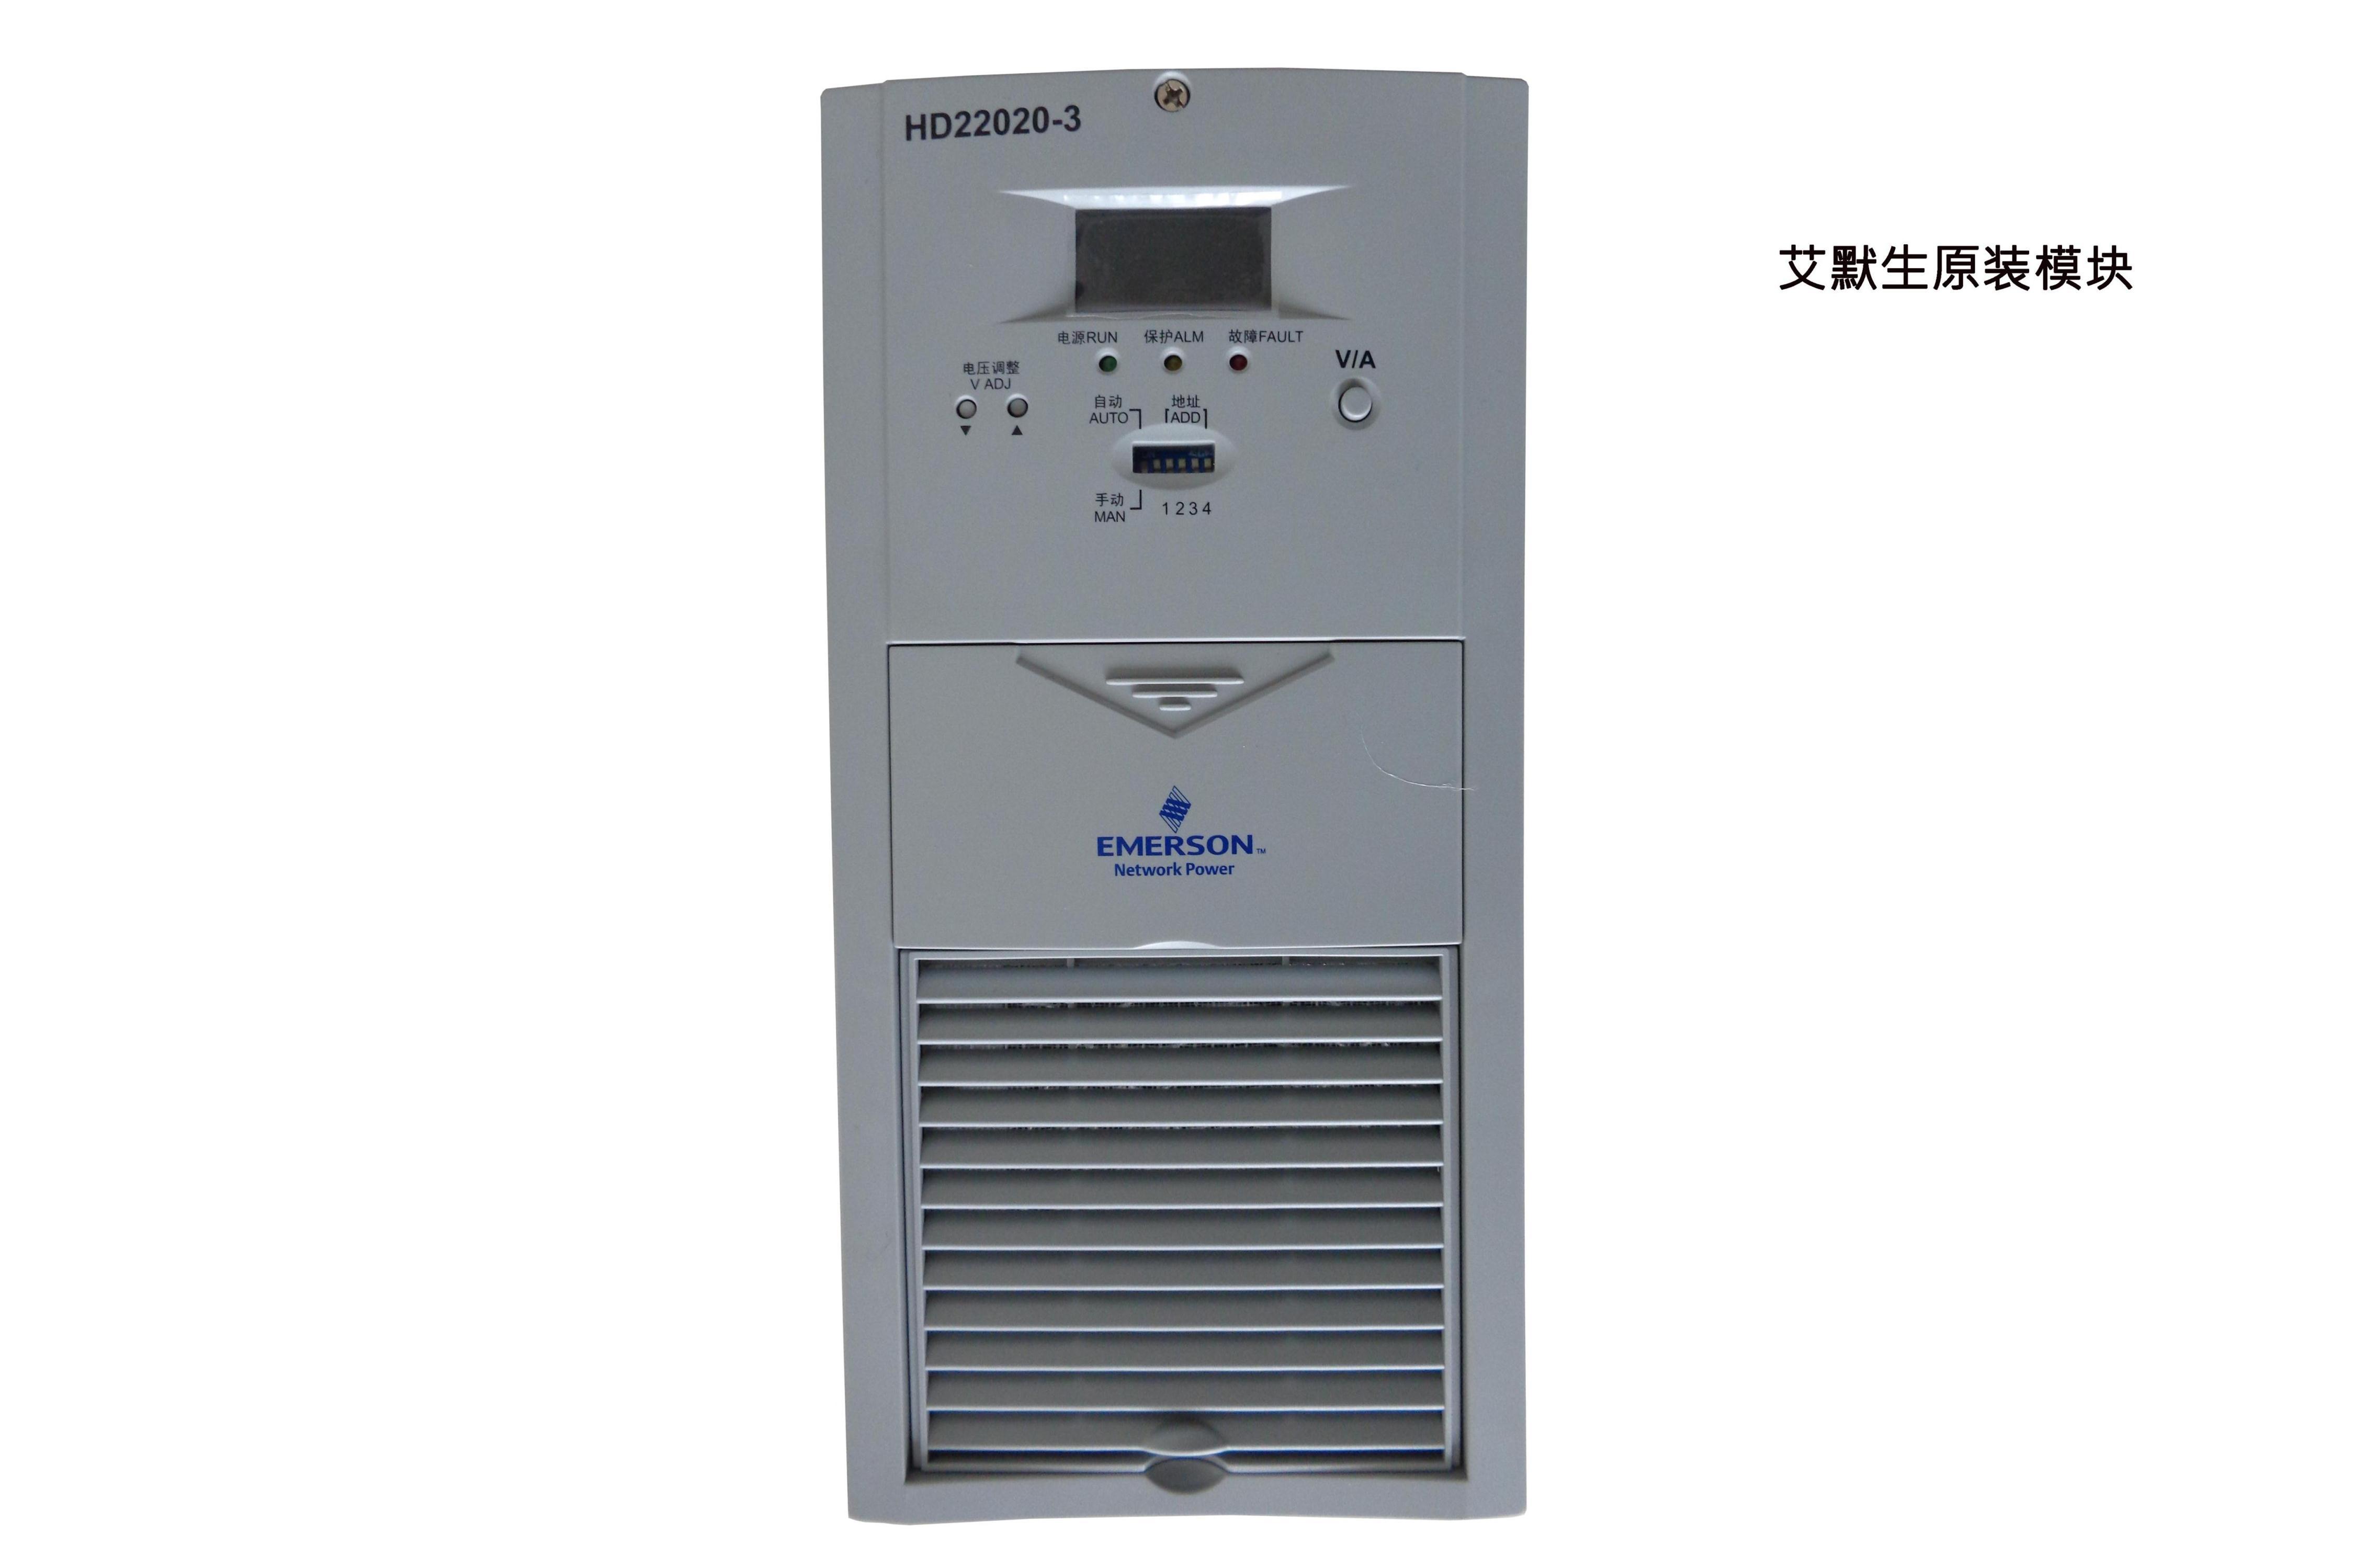 El precio de venta directa] módulo de carga HD22020-3 Emerson, módulo de fuente de alimentación de corriente continua HD22020-3